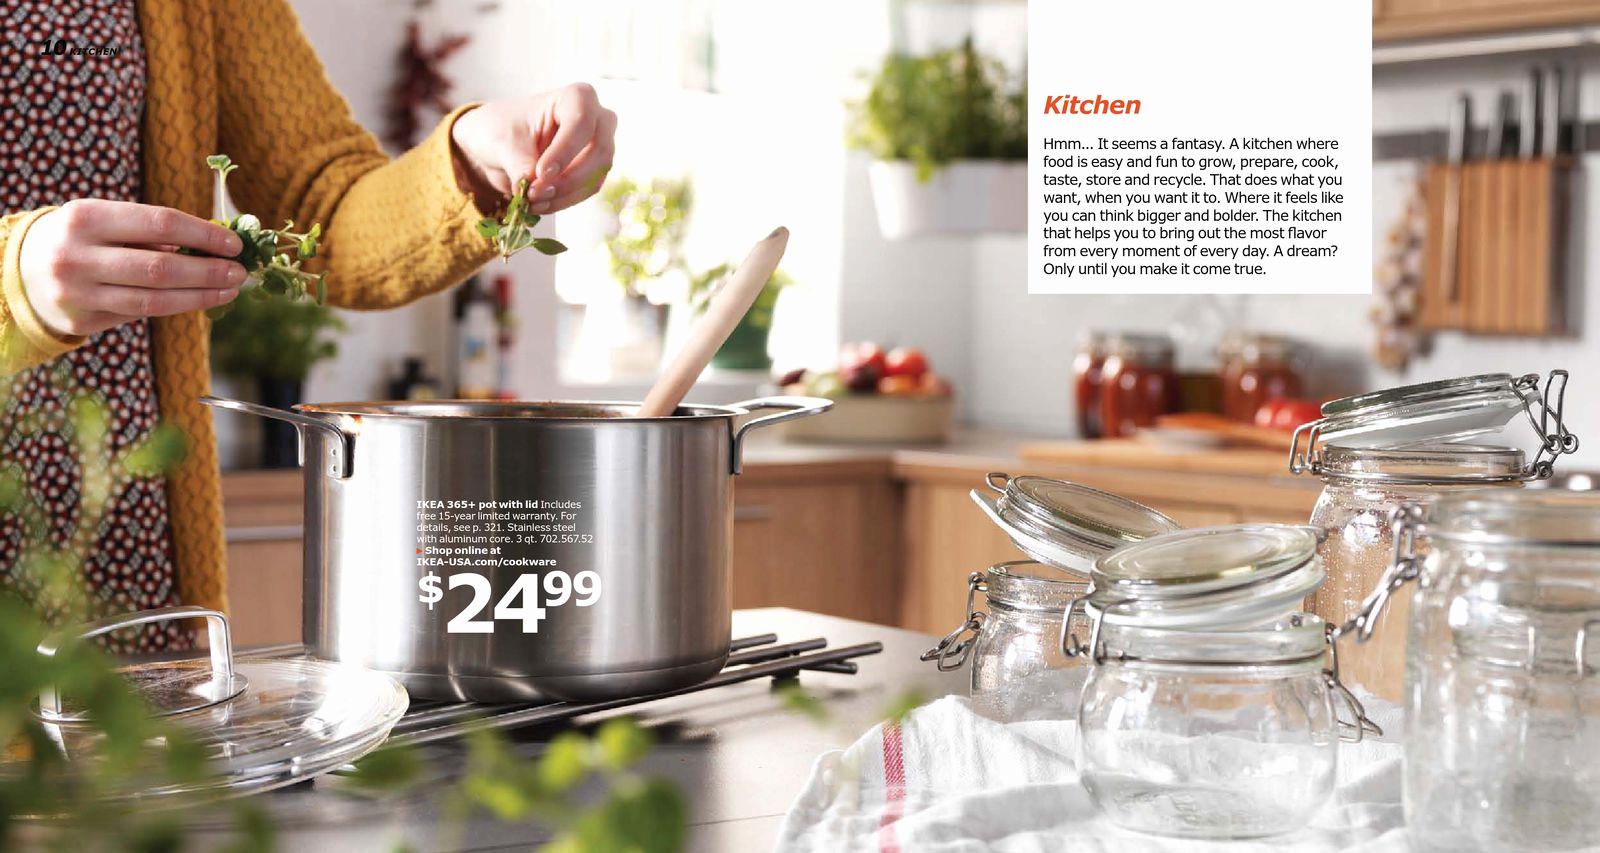 Cuisine Ikea Hittarp Nouveau Stock Cuisine Hittarp Ikea Nouveau 2016 Ikea Usa Catalog Armoires De Cuisine